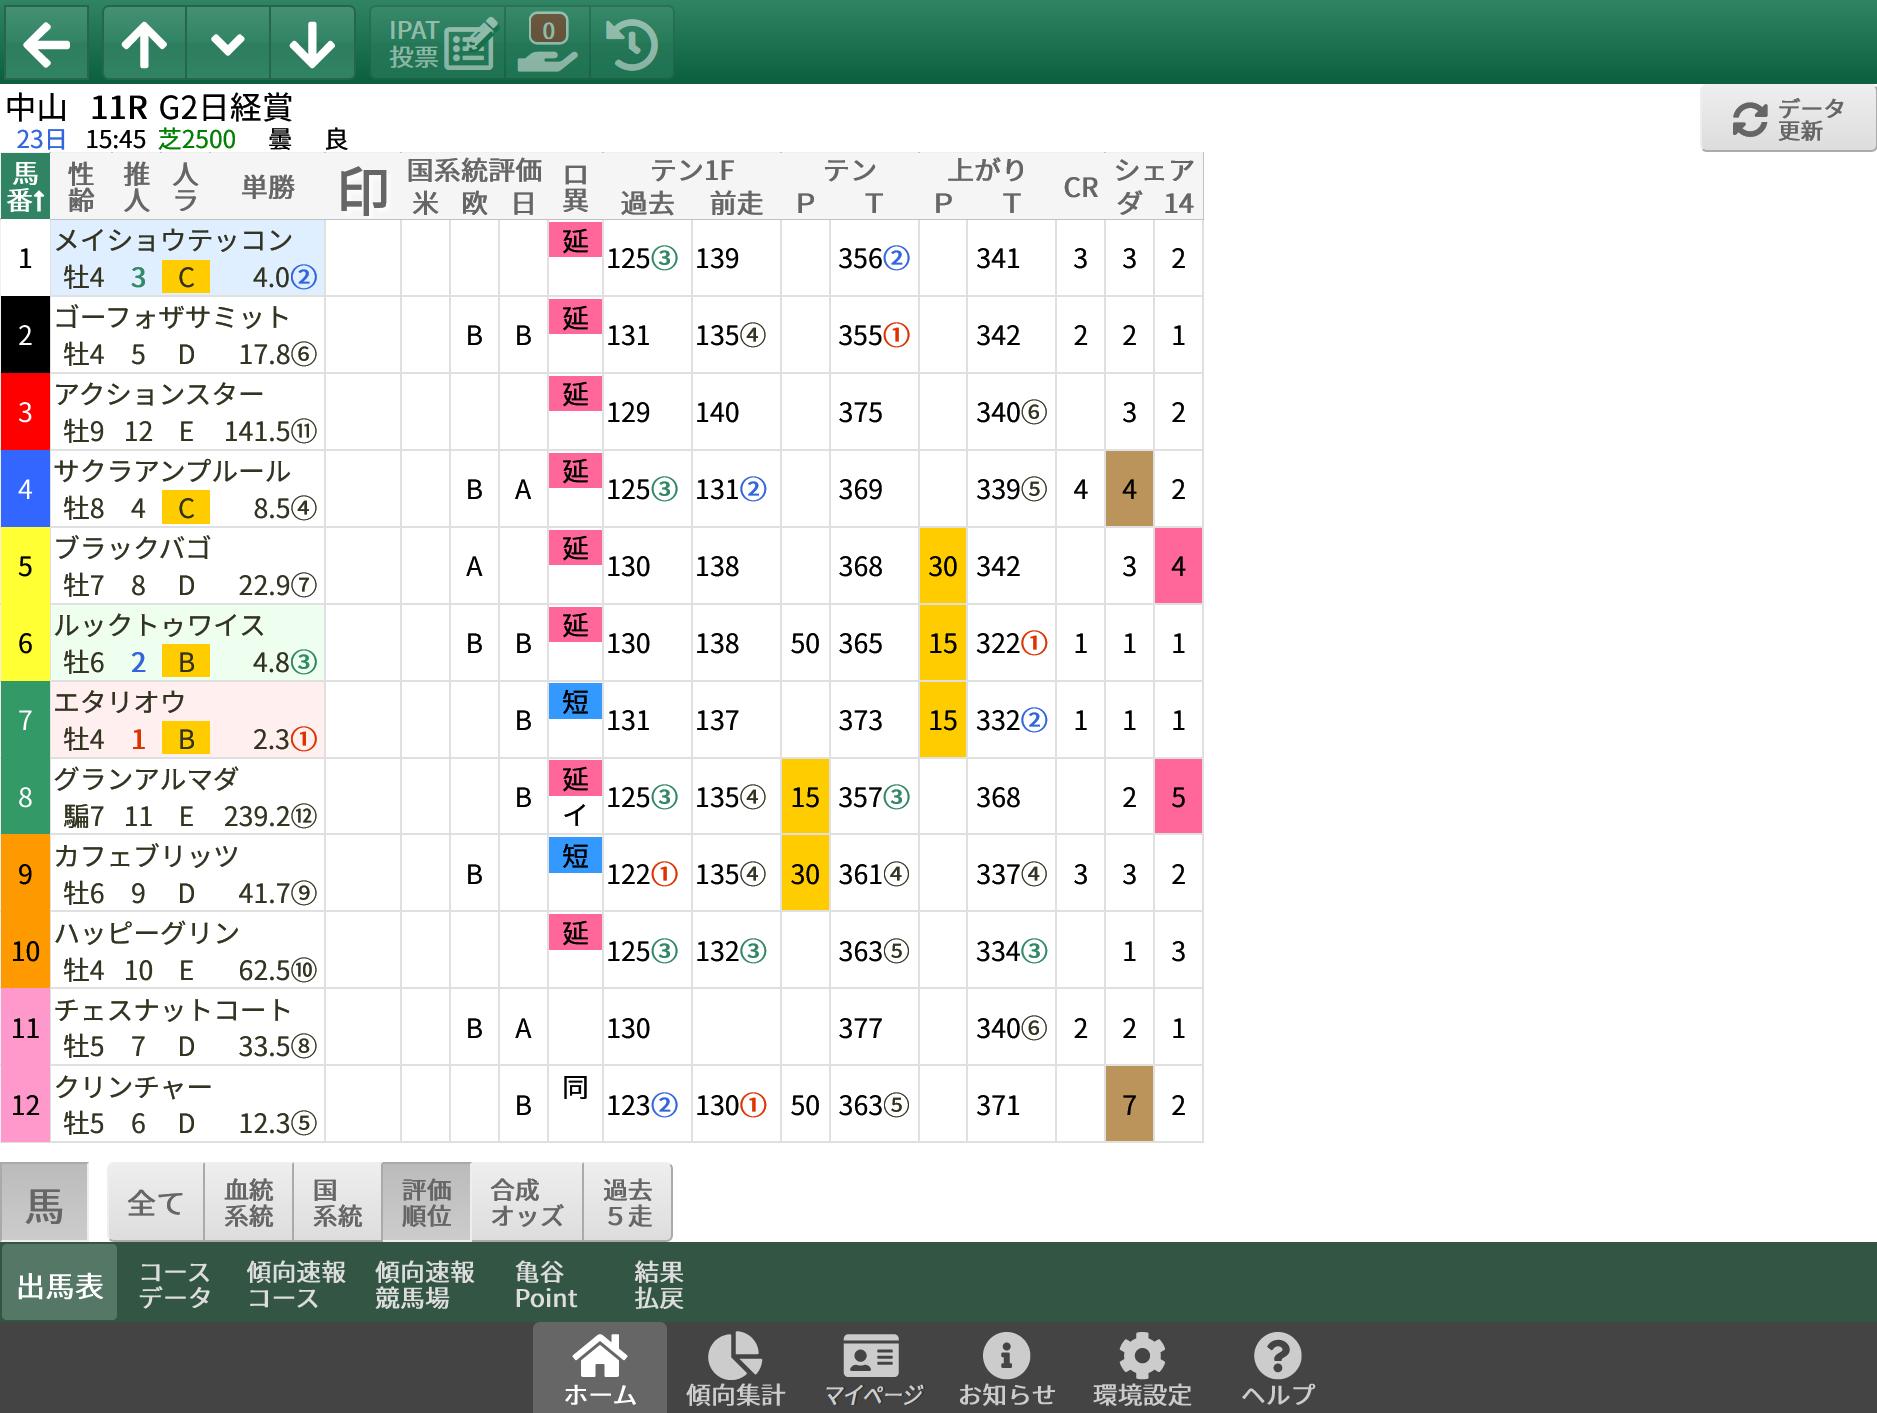 【無料公開】 日経賞 / 亀谷サロン限定公開中のスマート出馬表・次期バージョン